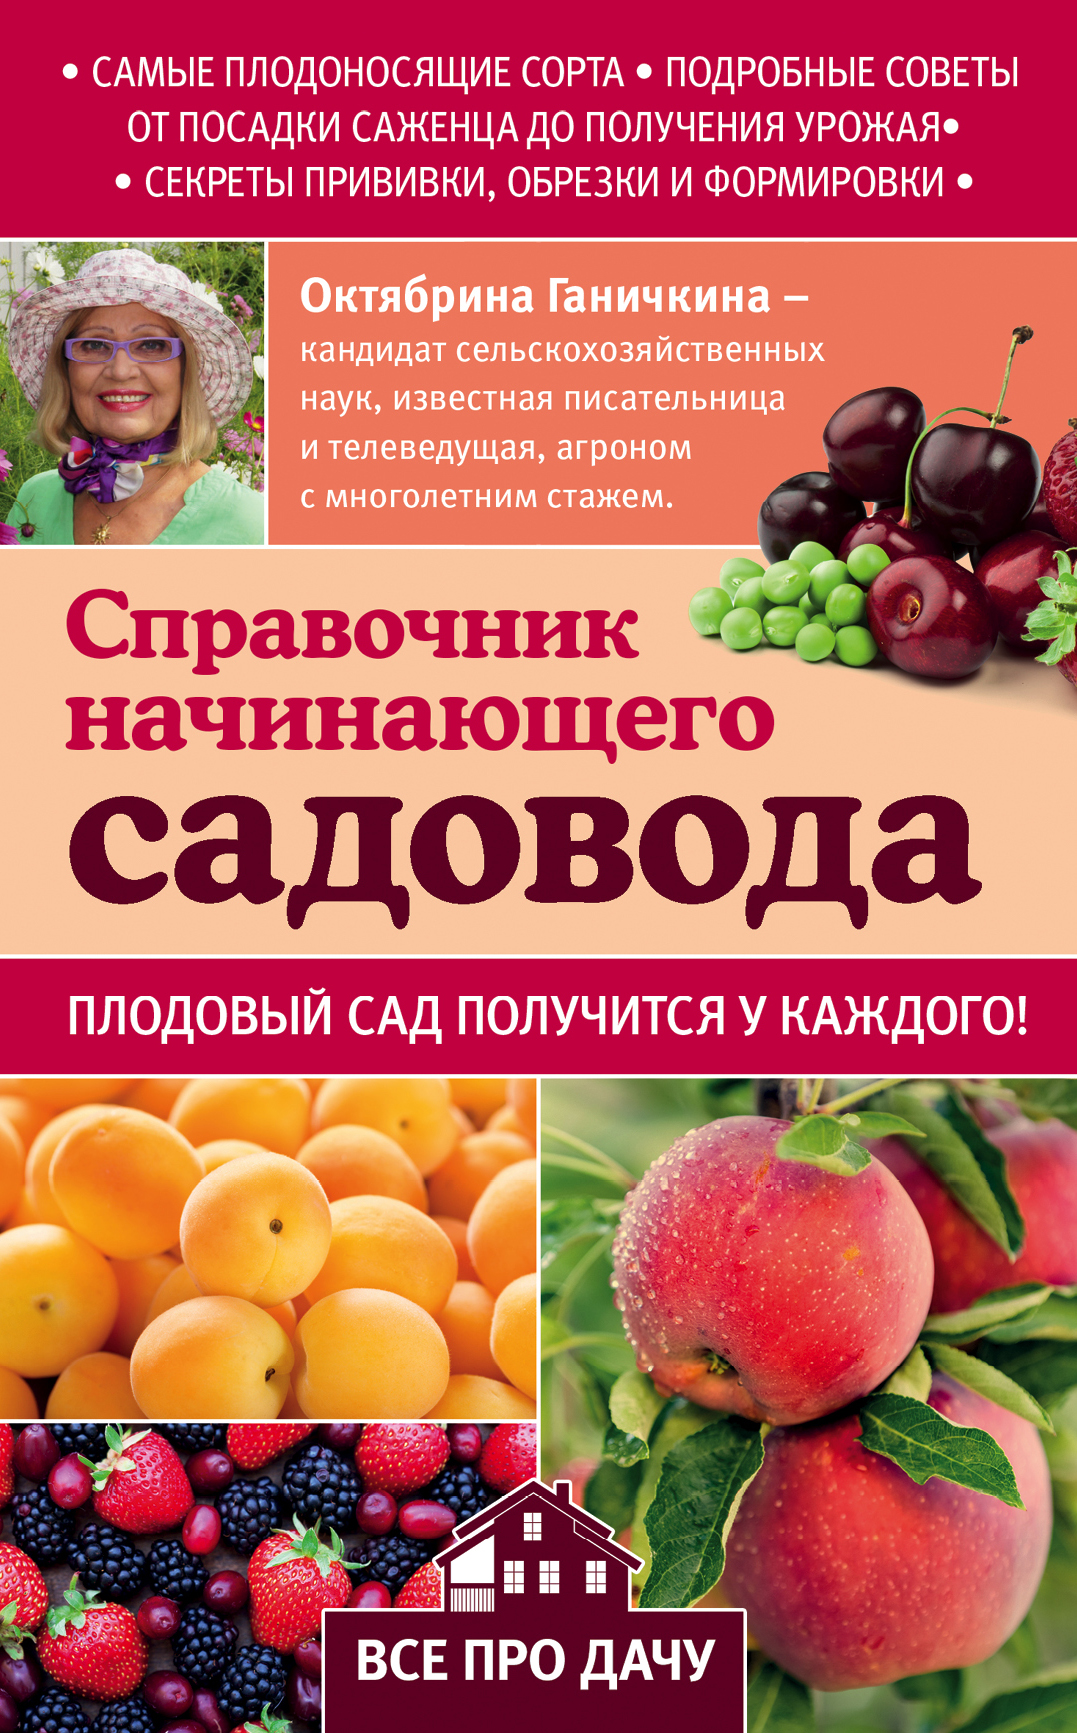 Октябрина Ганичкина, Александр Ганичкин Справочник начинающего садовода